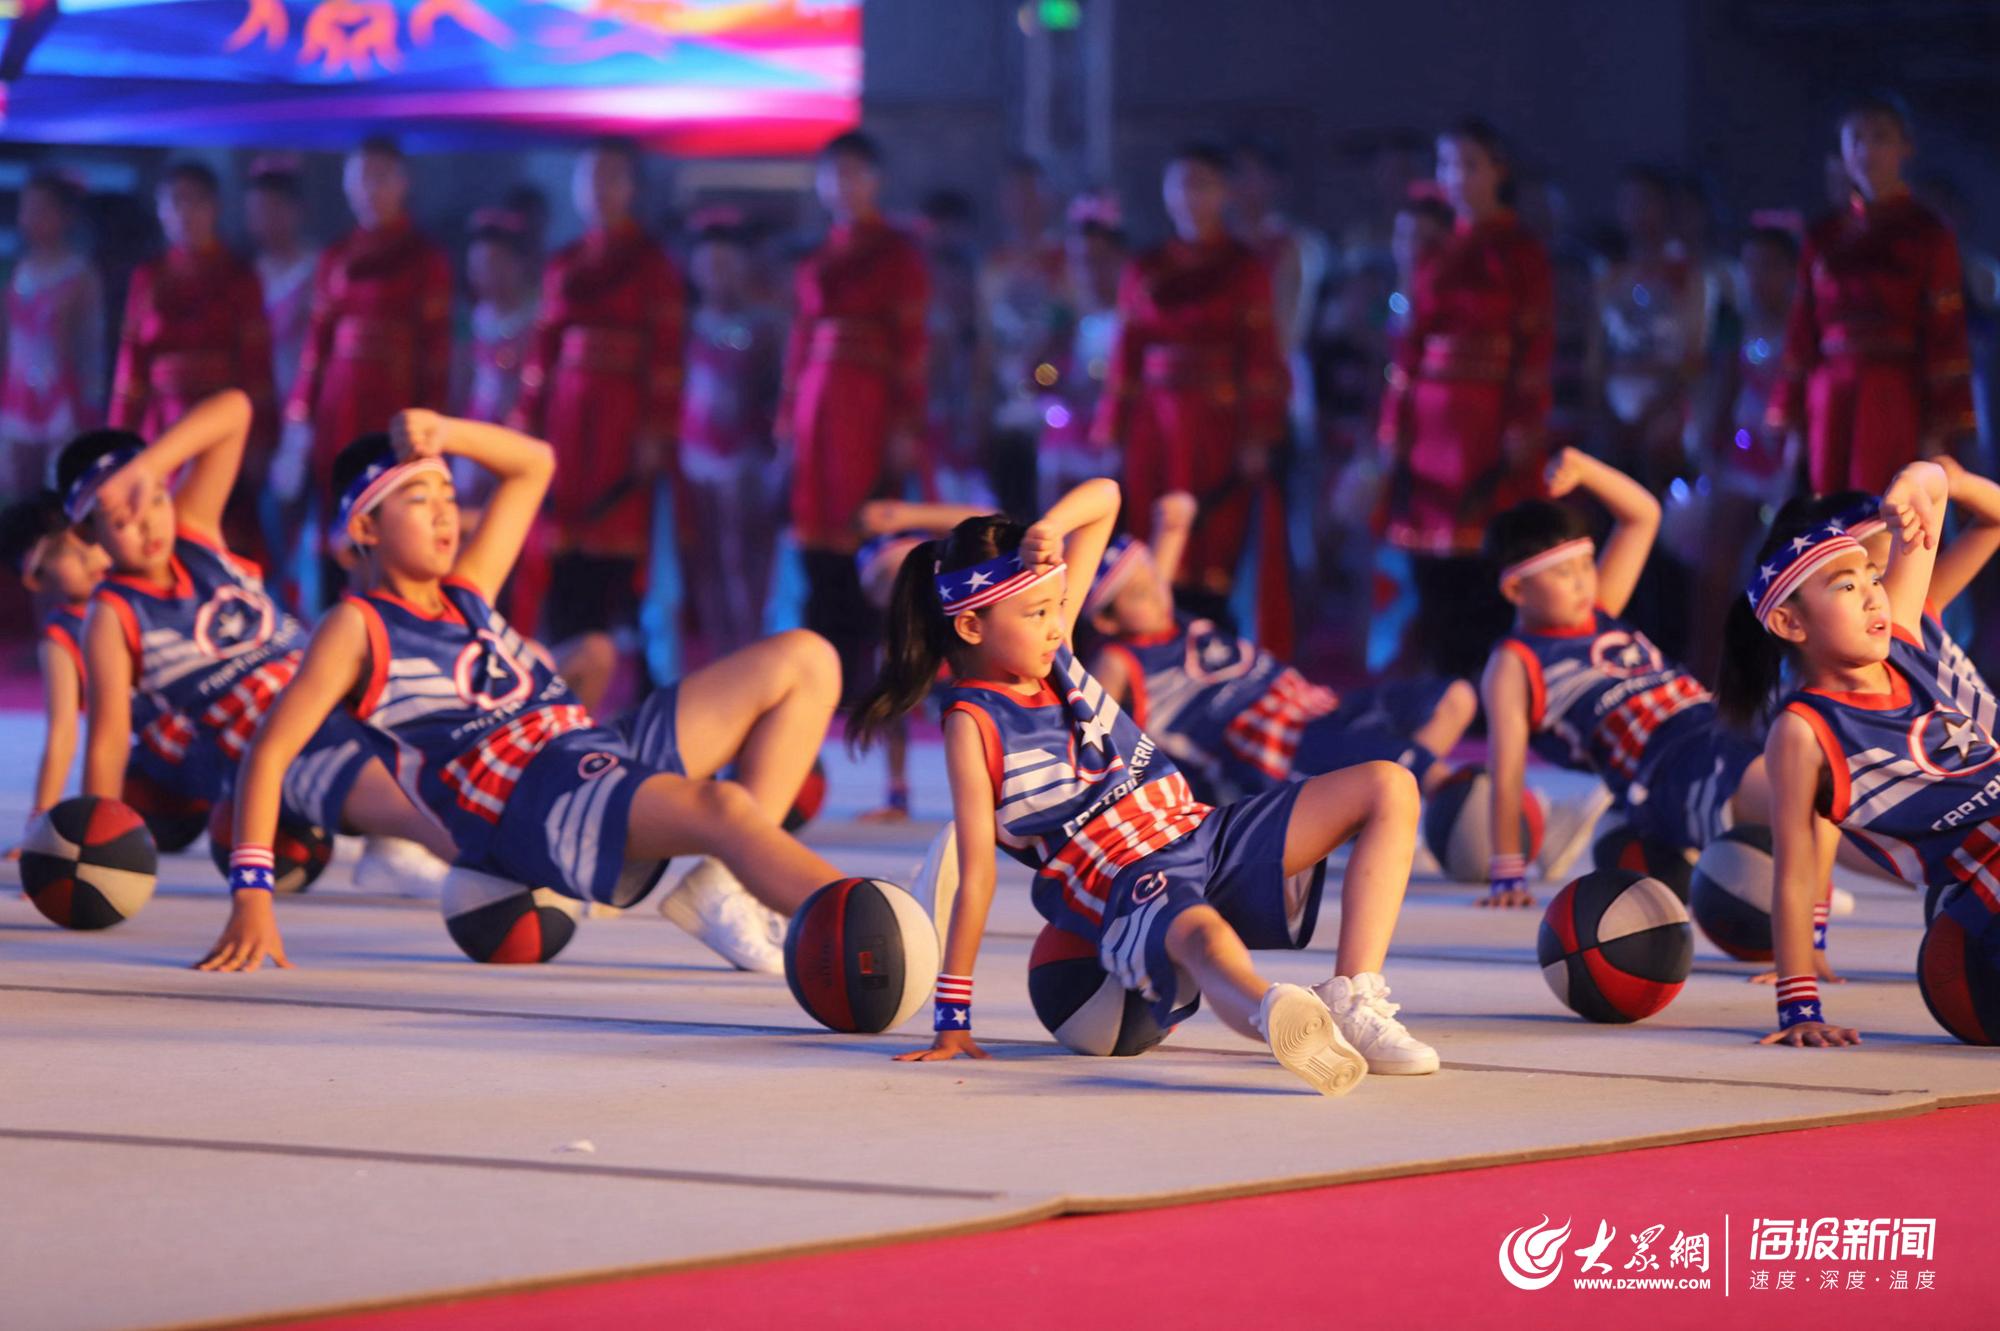 青岛打好 体育惠民 攻坚战和 强基固本 阵地战 增强人民幸福感图片